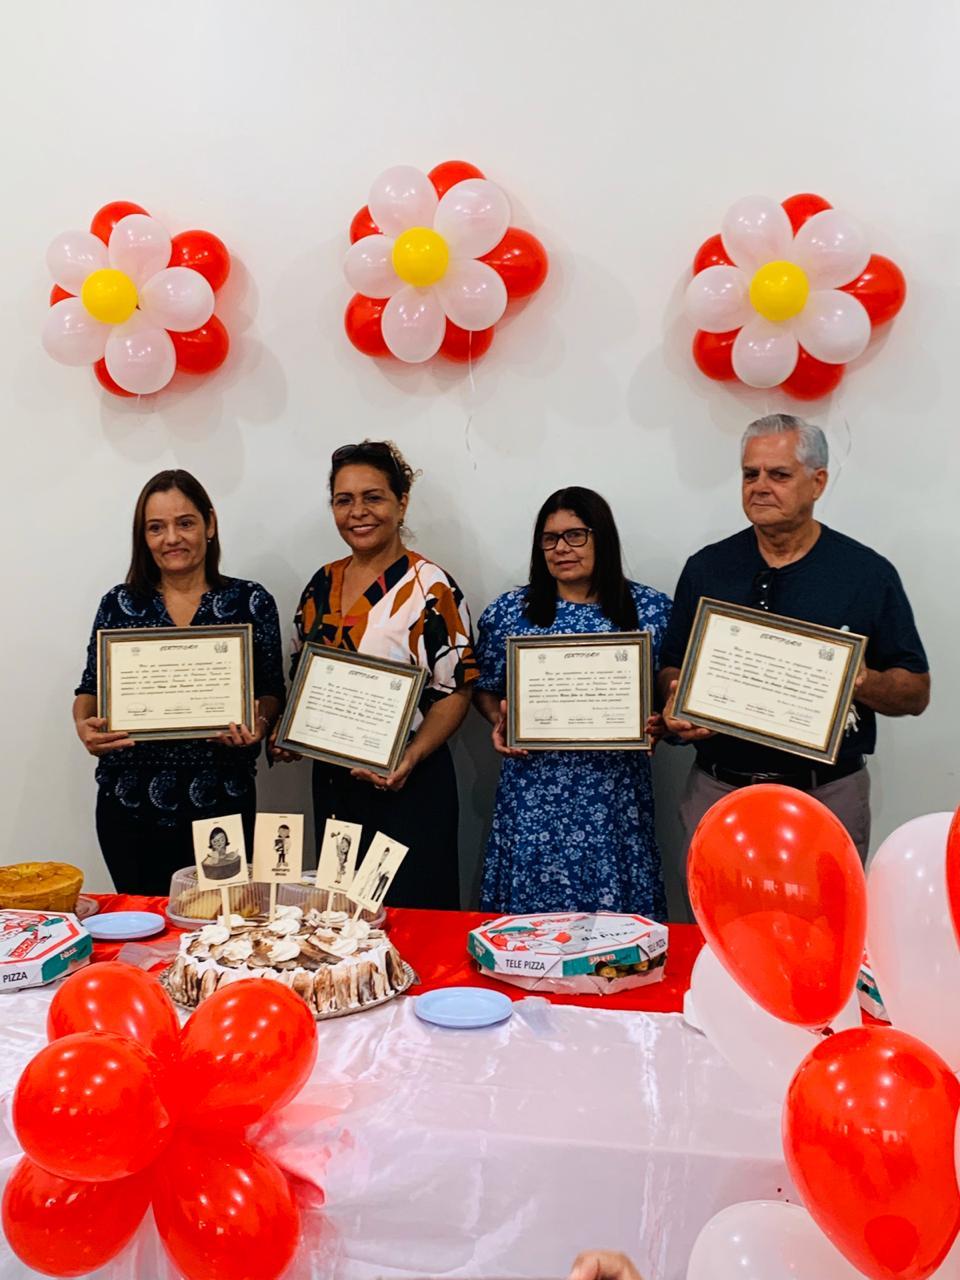 Servidores aposentados da Policlínica do Tucumã são homenageados